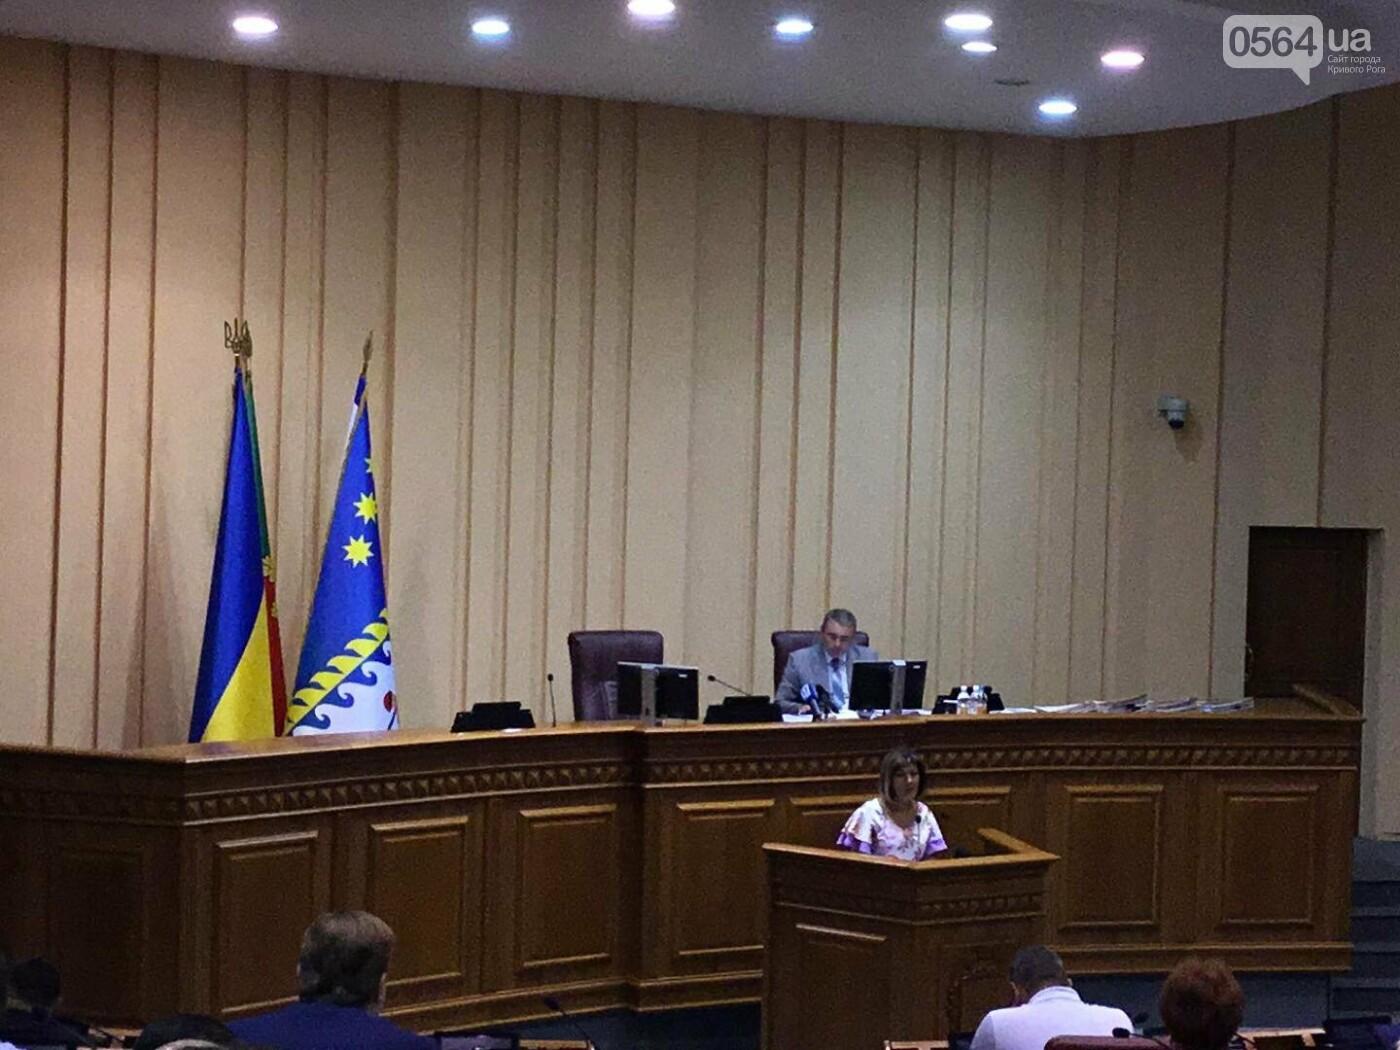 """В Кривом Роге утвердили """"братание"""" с Жодино, несмотря на то, что туда опасно ехать защитникам Украины, - ФОТО, фото-3"""